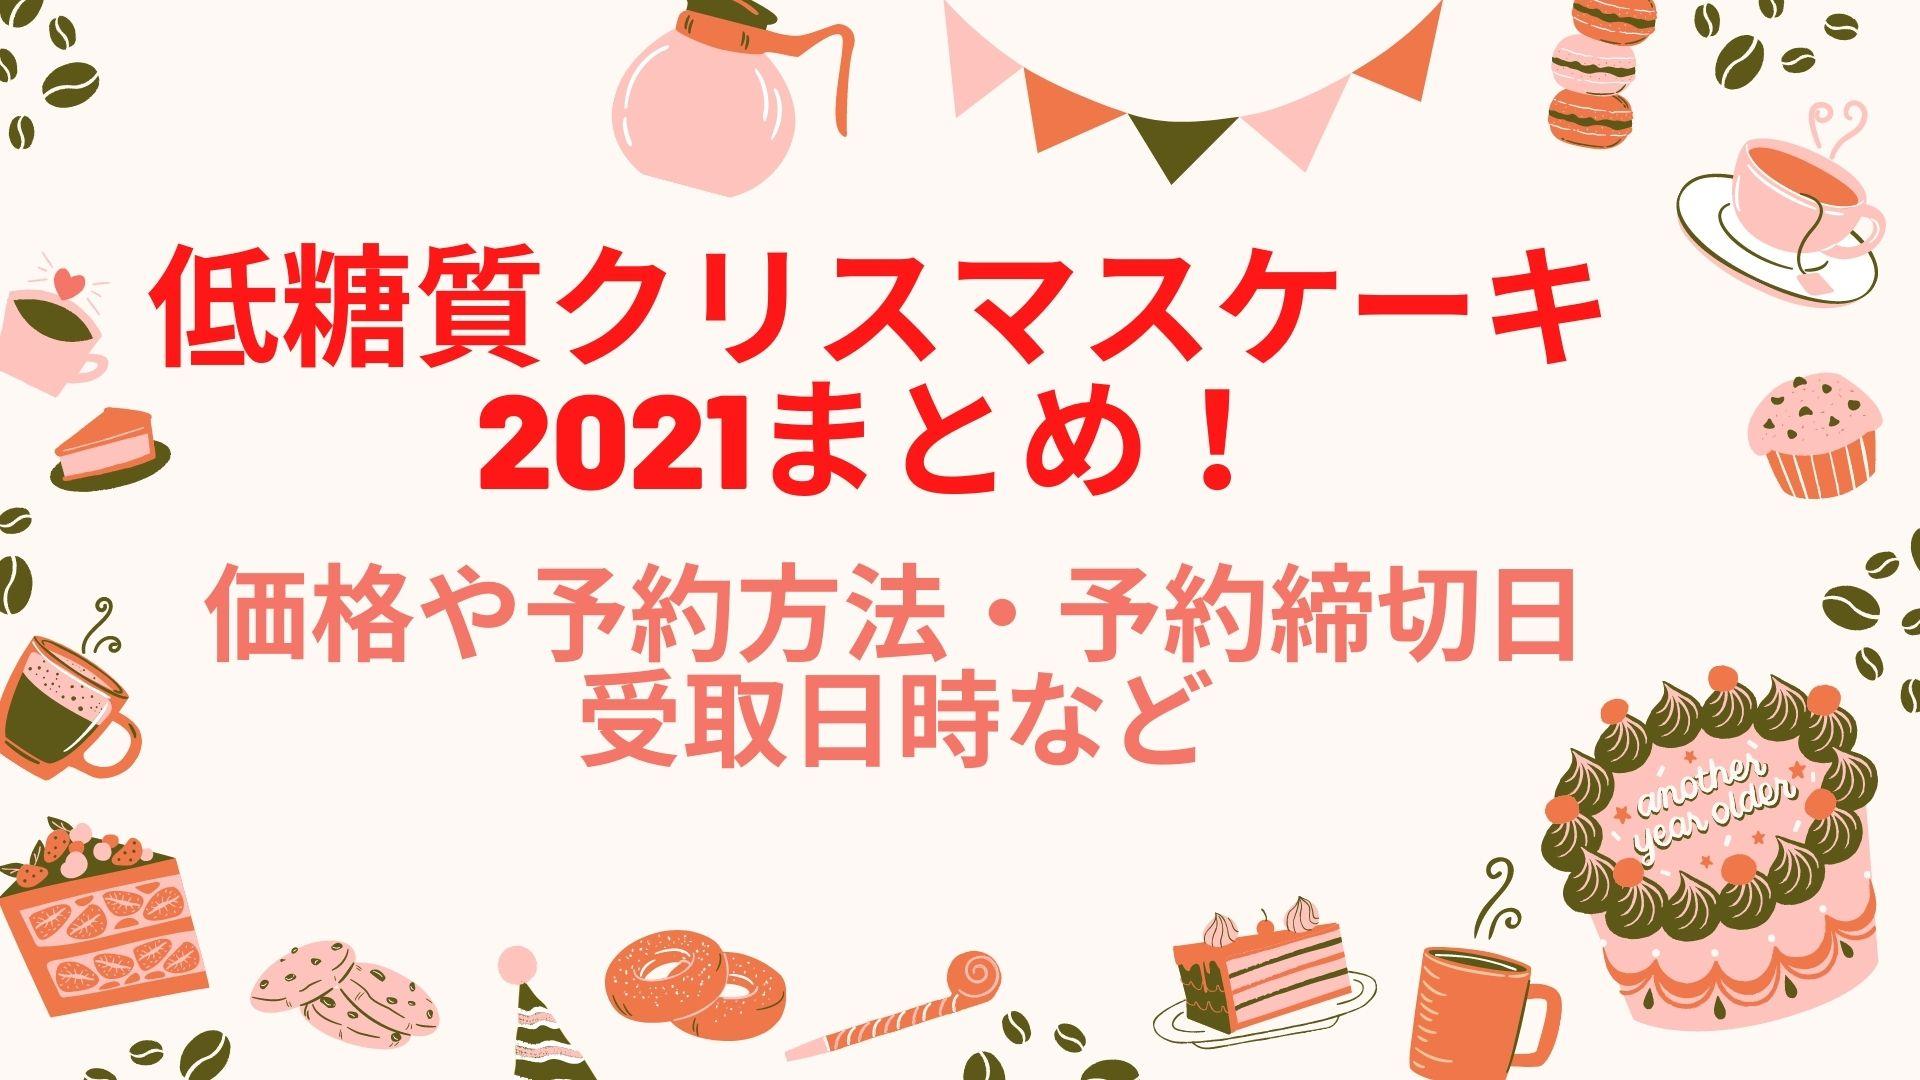 低糖質クリスマスケーキ2021まとめ!価格や予約方法・予約期限日・受け取り日時など